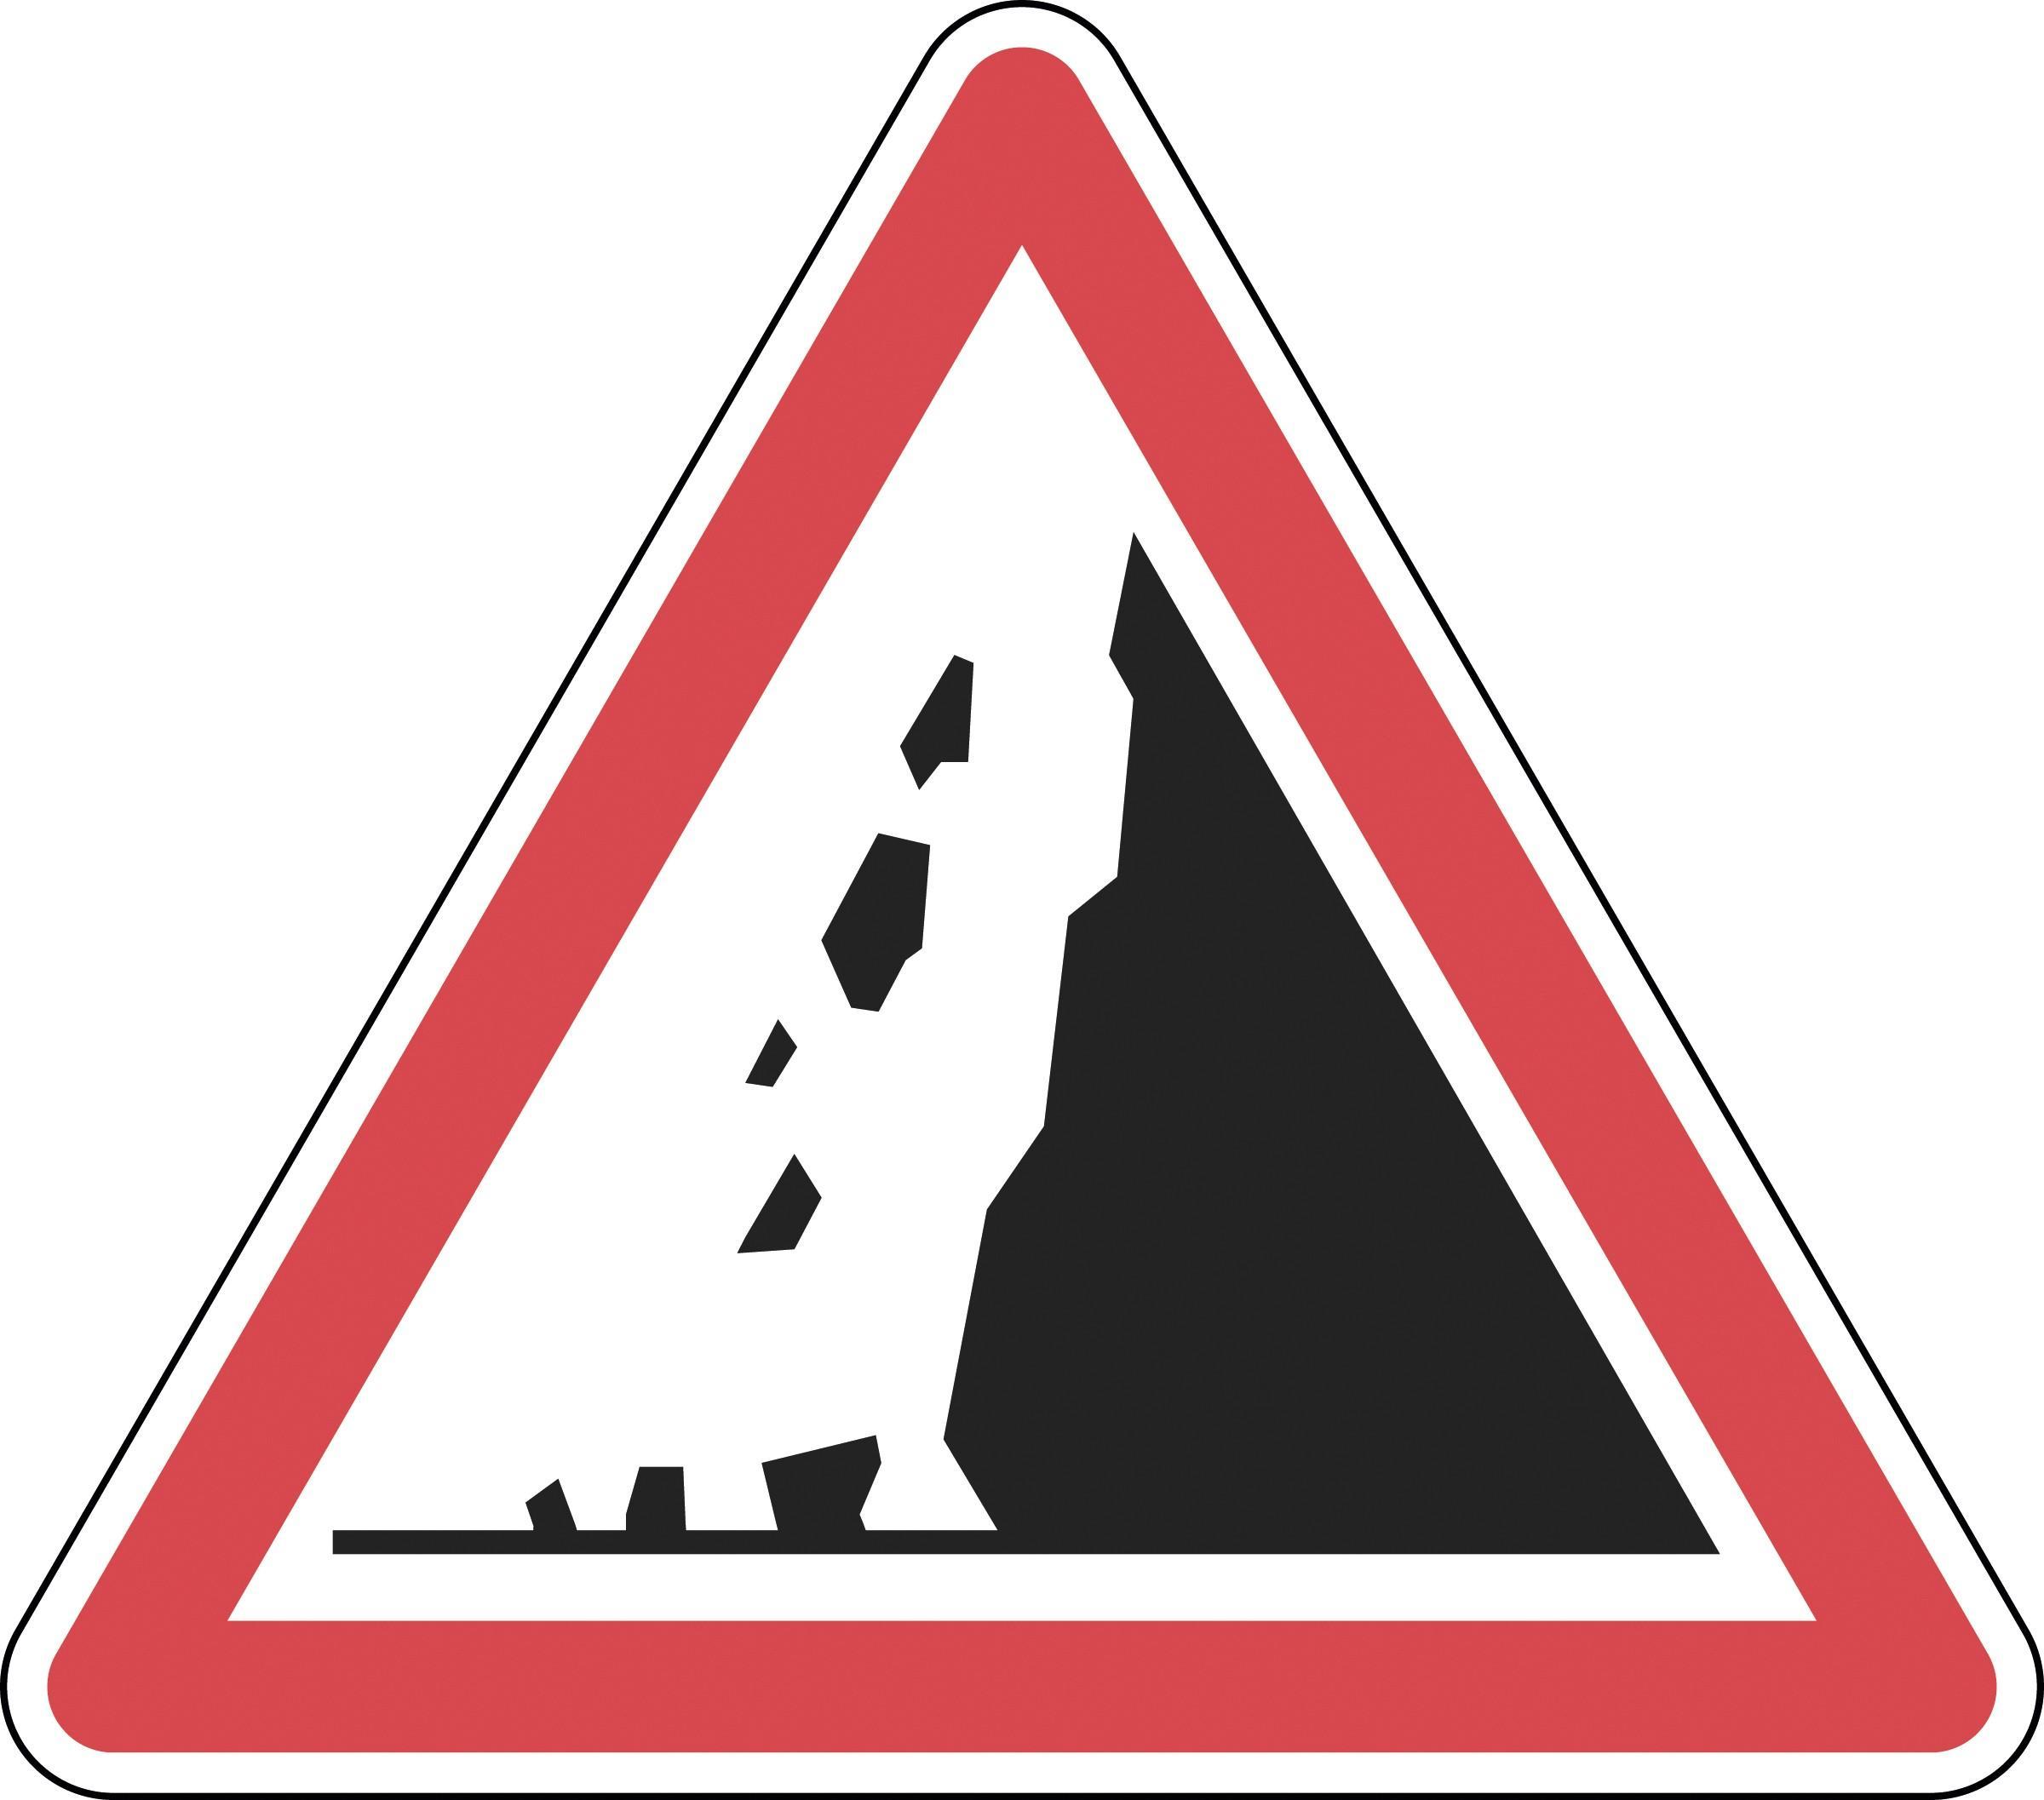 Panneau de signalisation routière.